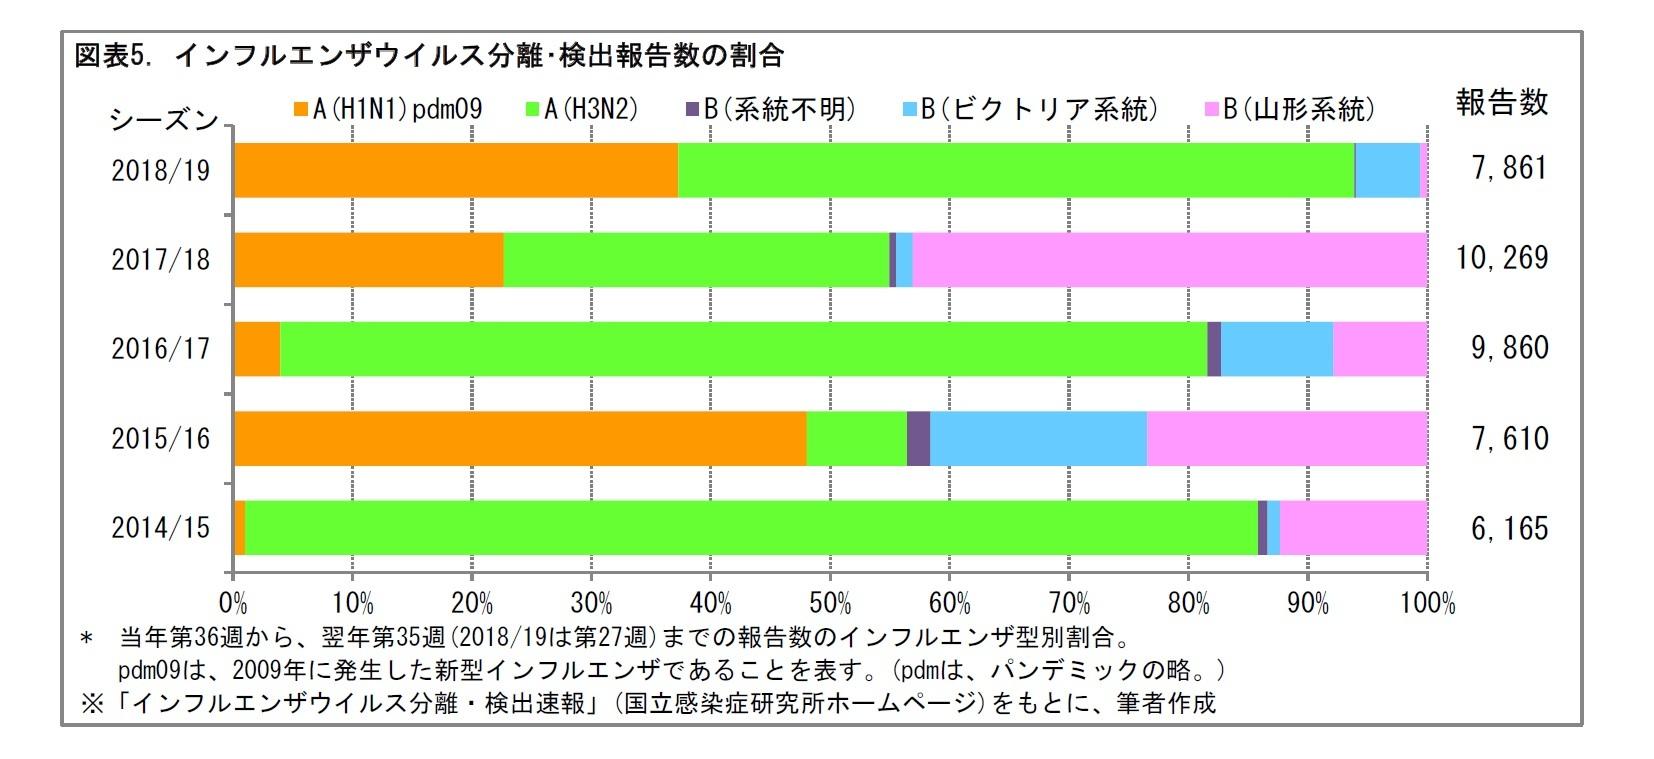 図表5. インフルエンザウイルス分離・検出報告数の割合